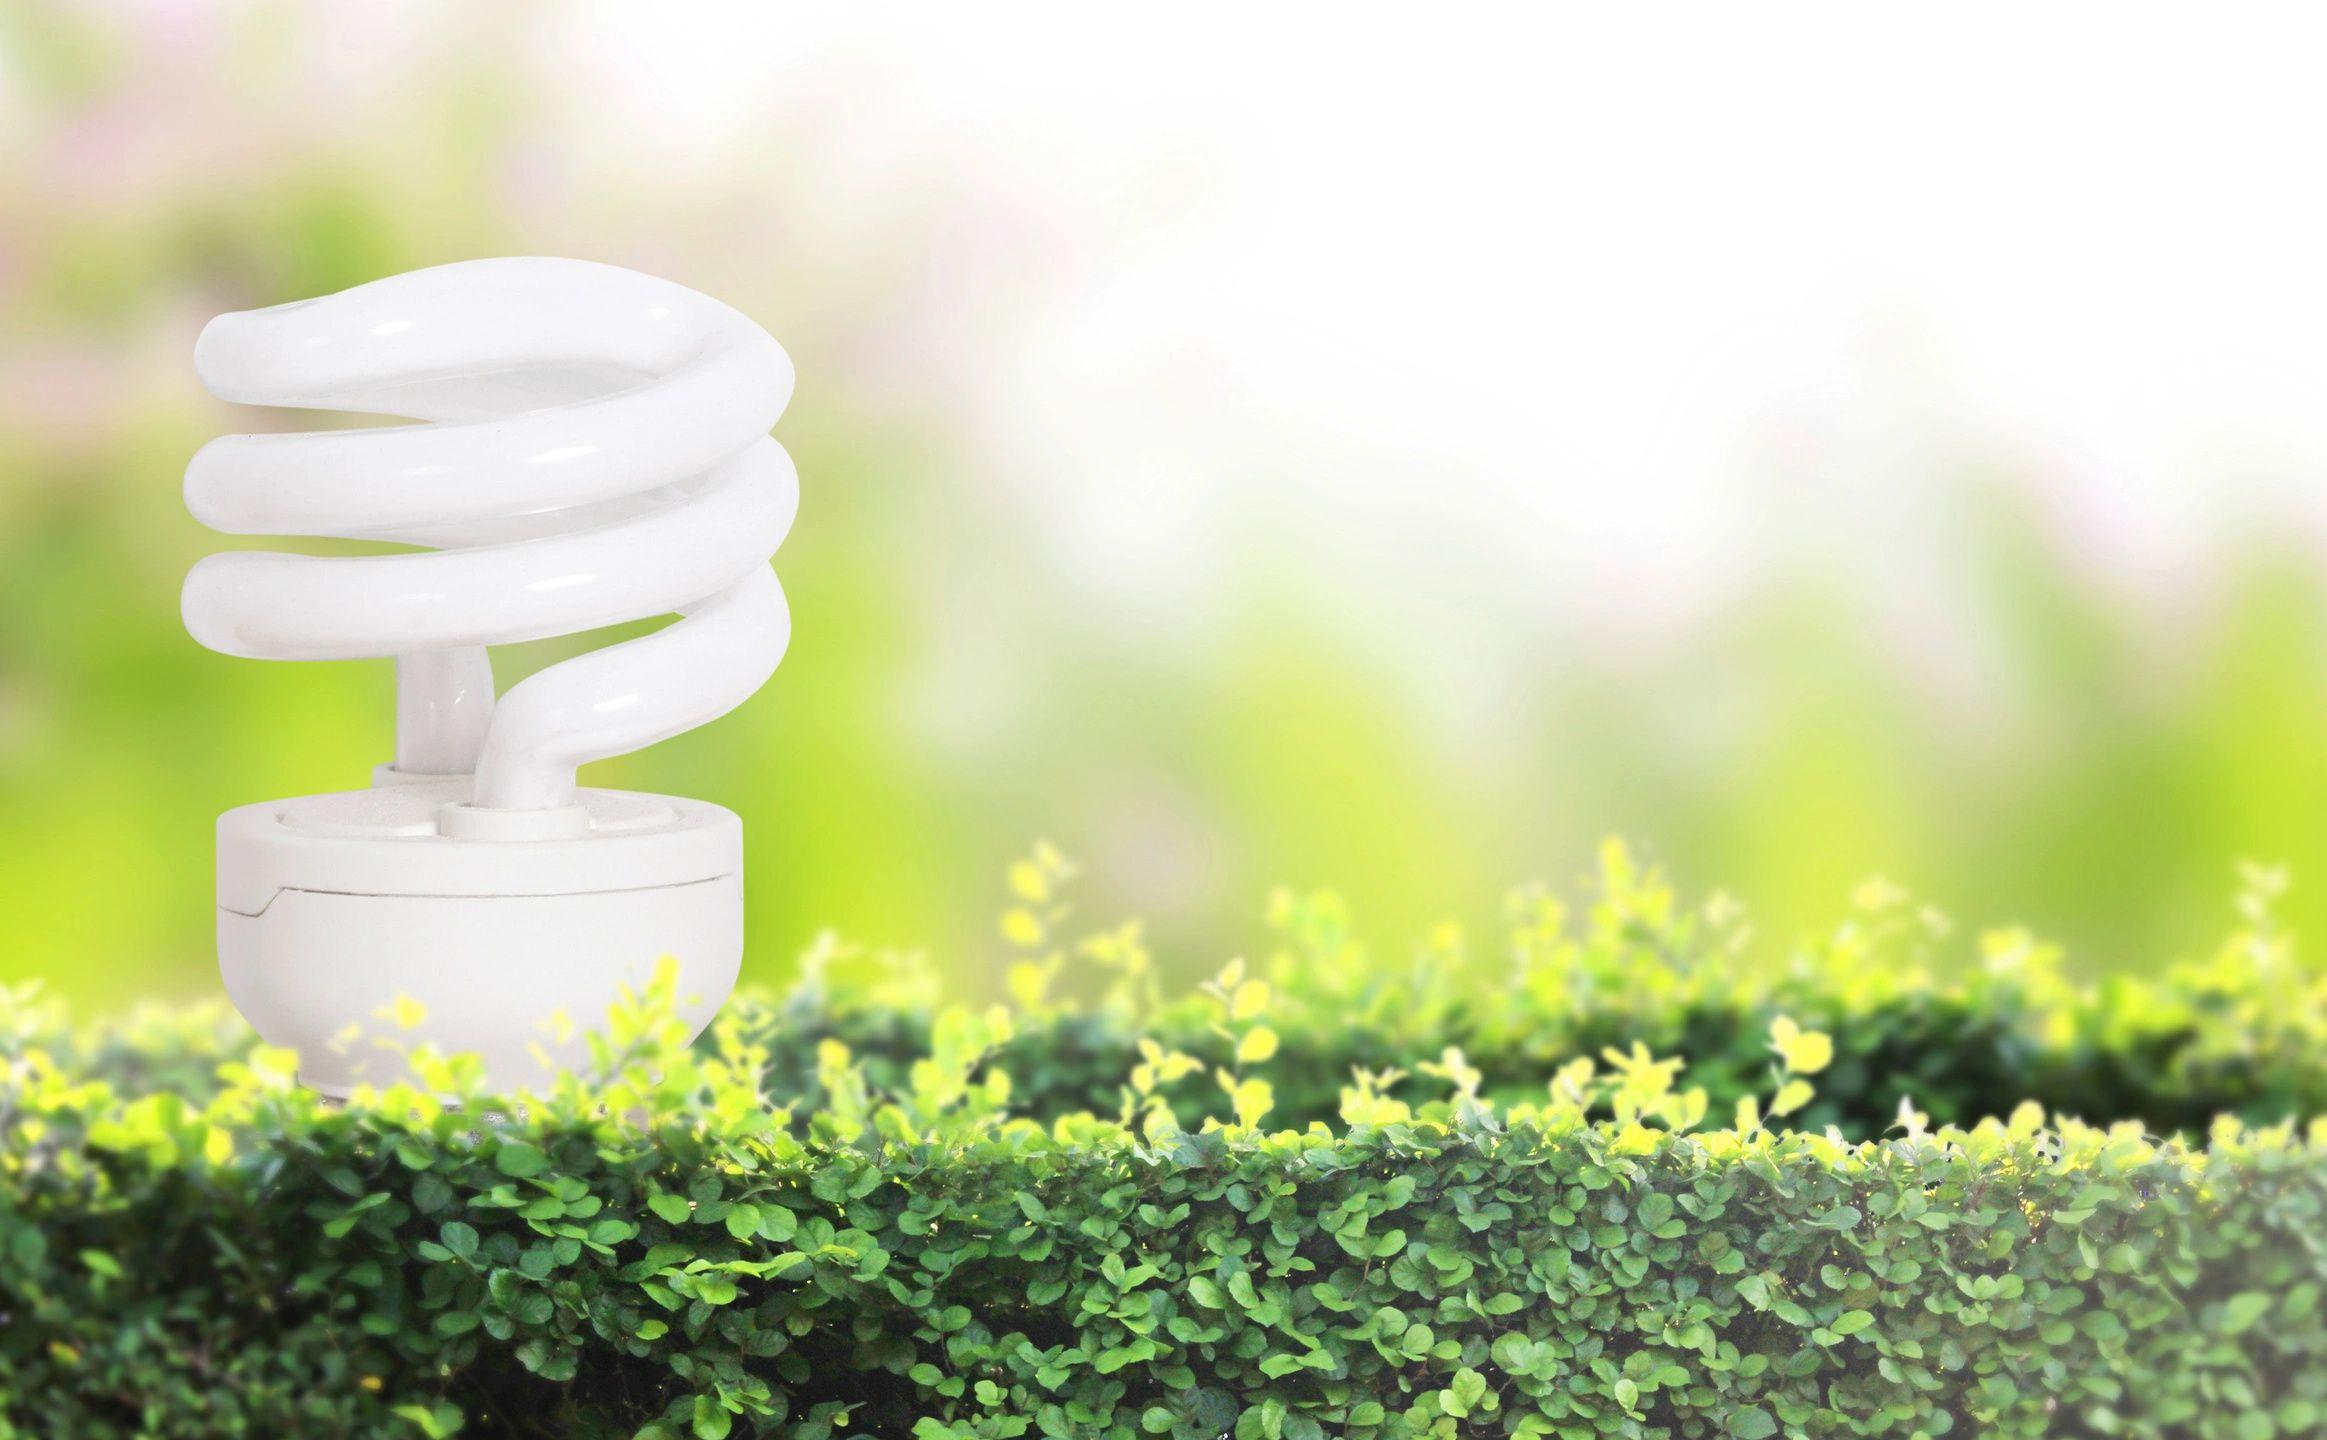 Geothermal Green Energy Lightbulb